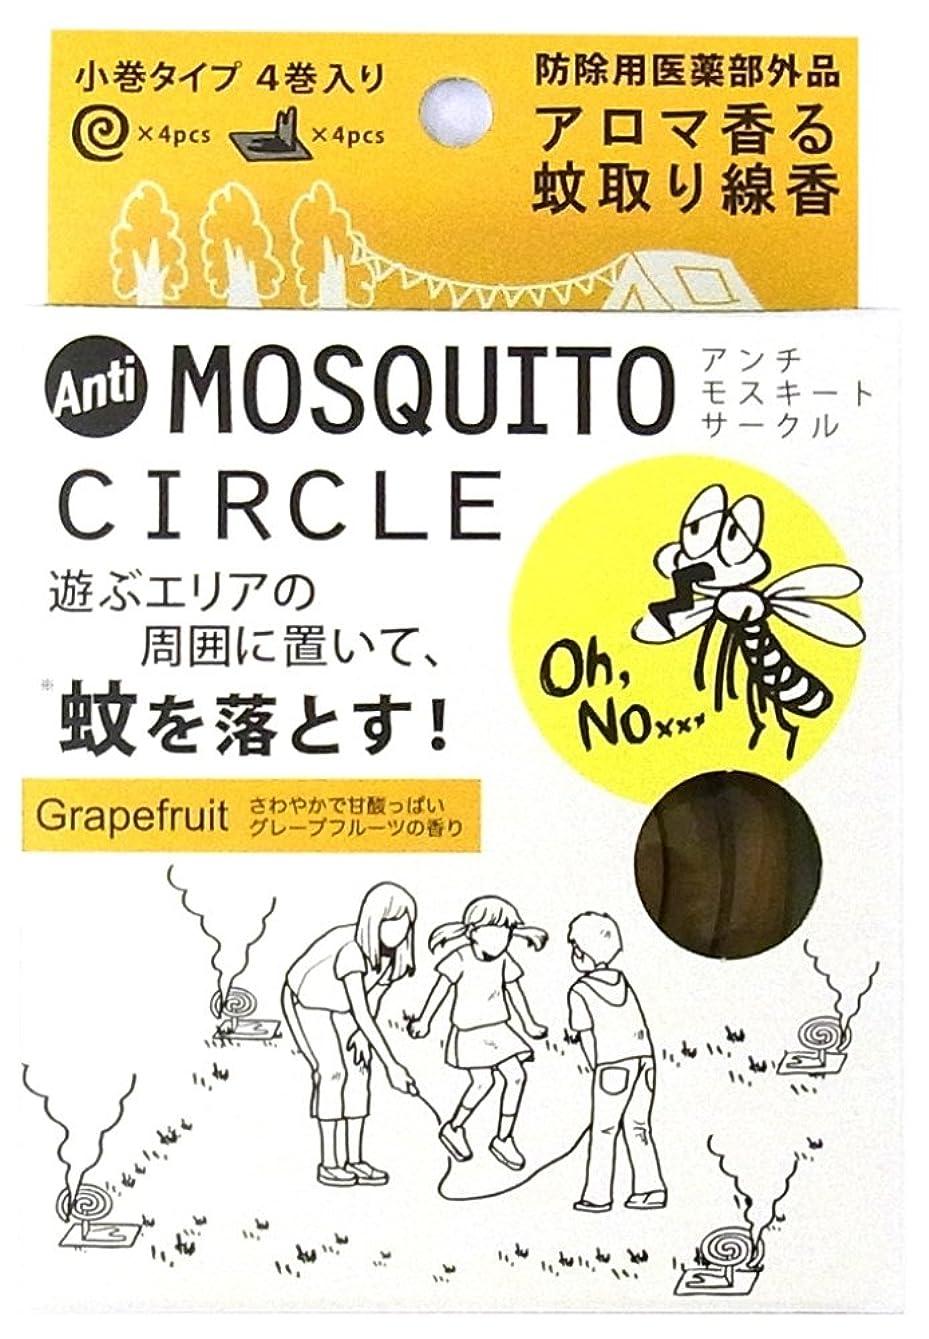 強大な摂氏システムノルコーポレーション 蚊取り線香 アンチモスキートサークル 4巻 スタンドセット グレープフルーツの香り QBZ-1-01